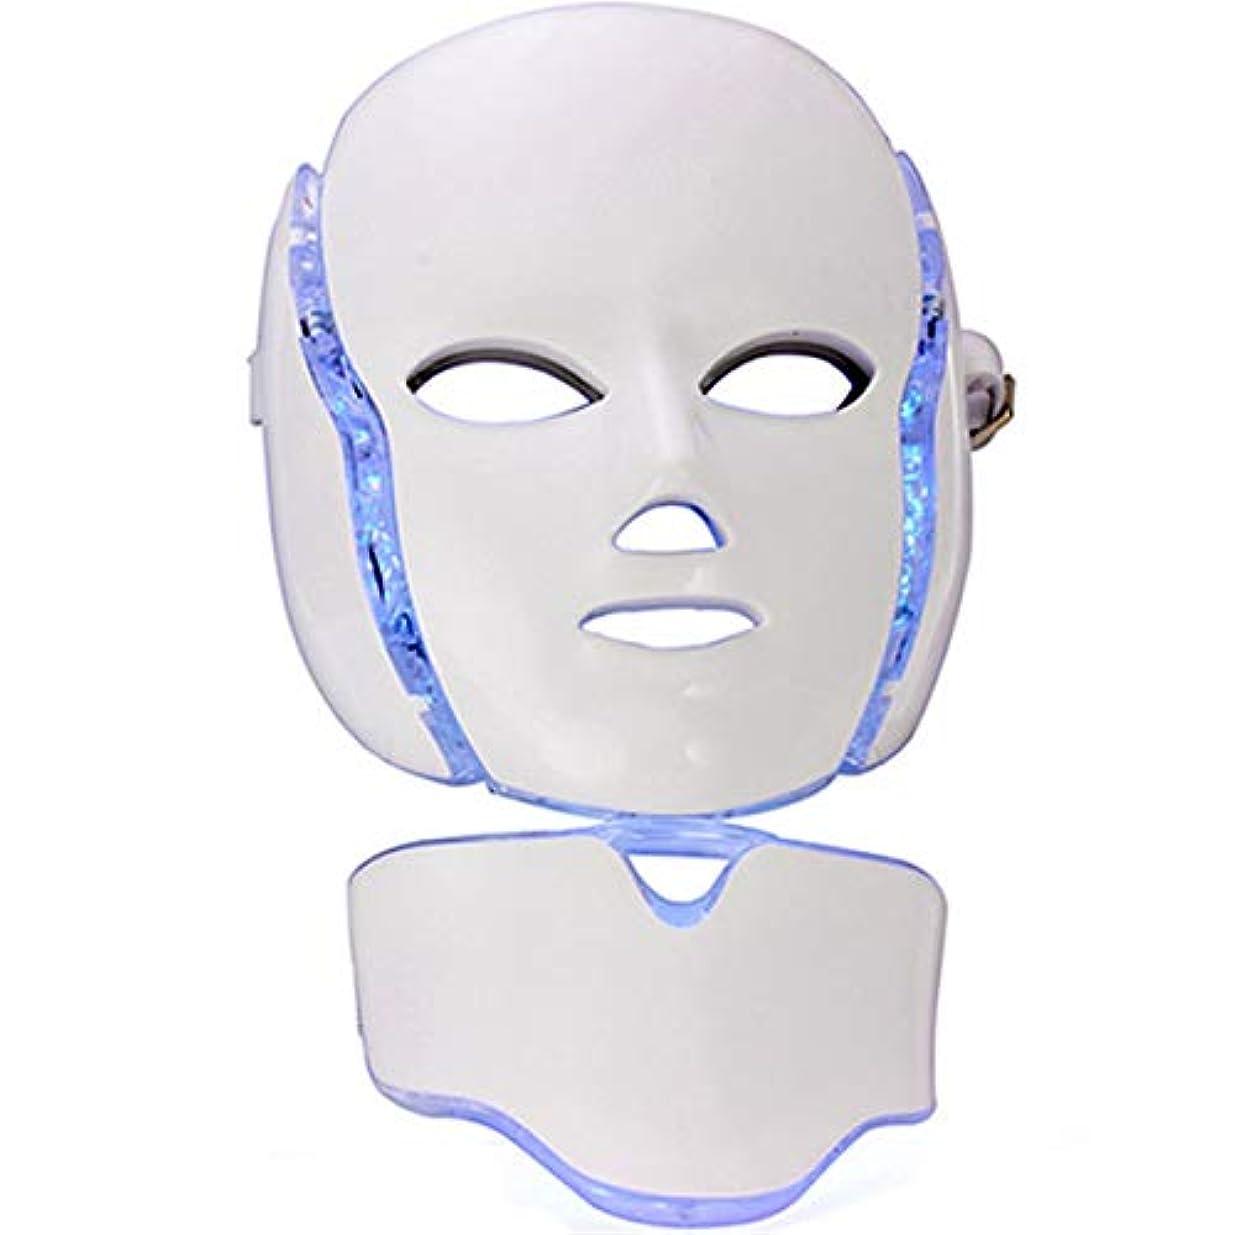 完了寝てる更新する光エステ LED美顔器 7色 美顔マスク 首ユニット付き たるみ ほうれい線 美肌 ニキビ対策 コラーゲン生成 美白 エイジングケア